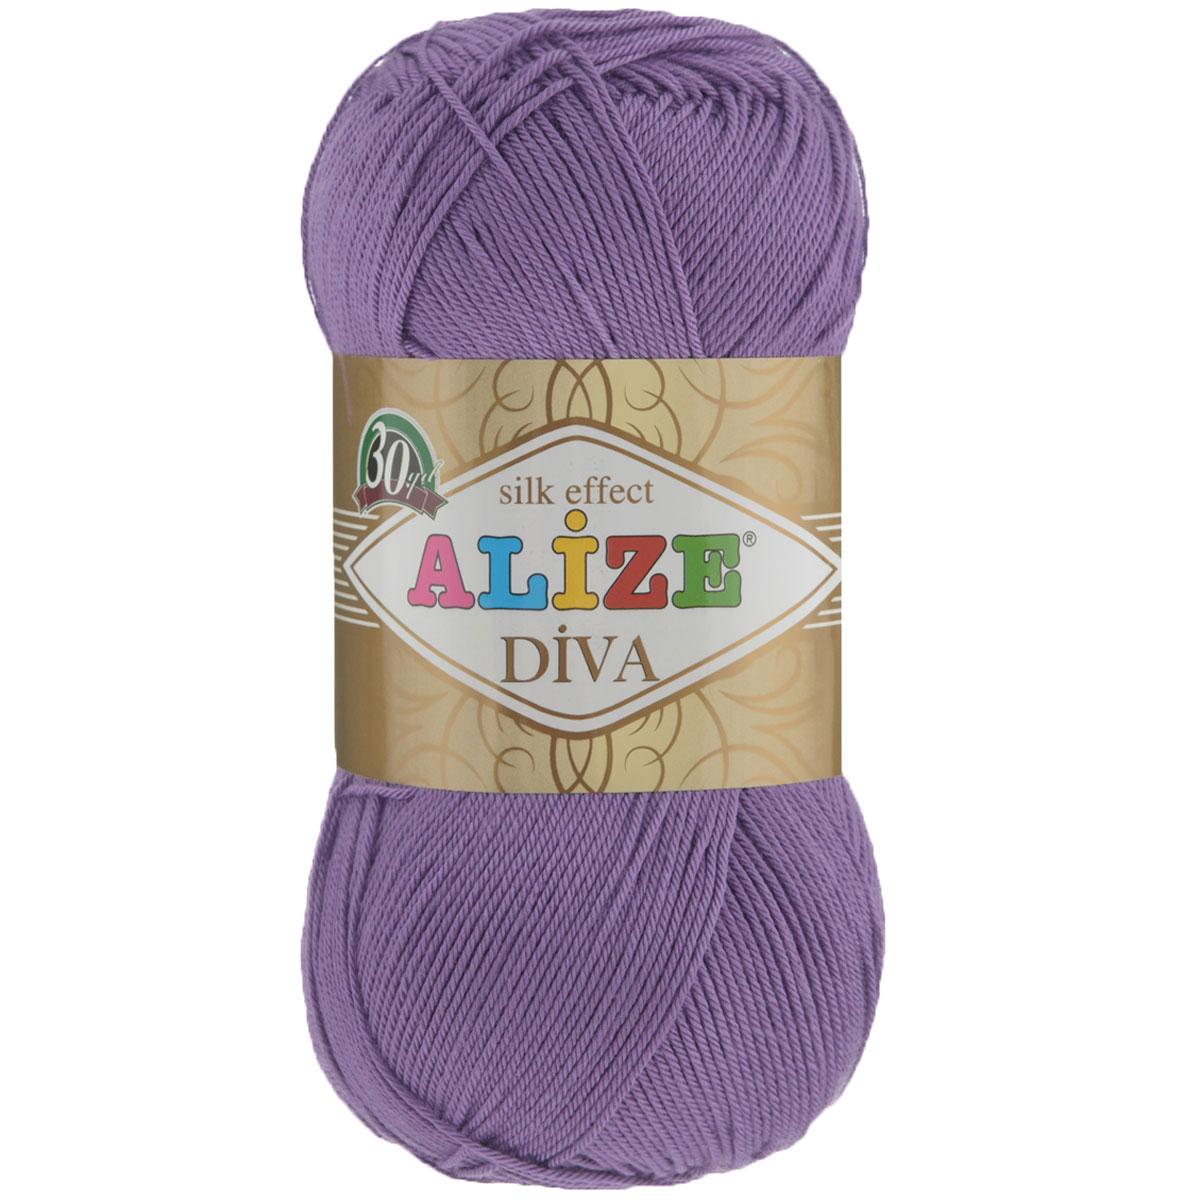 Пряжа для вязания Alize Diva, цвет: фиолетовый (622), 350 м, 100 г, 5 шт364126_622Легкая пряжа Diva с шелковым эффектом для весенних или летних вещей. Приятная на ощупь, обладающая высокой гигроскопичностью, пряжа Diva из микрофибры подойдет для самых разных вязаных изделий: сарафанов, туник, платьев, легких костюмов, кофт, шалей и накидок. Ее с одинаковым успехом можно использовать и для спиц, и для вязания крючком. В палитре большой выбор ярких цветов и пастельных мягких оттенков. Не стоит с предубеждением относиться к искусственной пряже, ведь она обладает целым рядом преимуществ. За изделиями из пряжи Diva проще ухаживать, они не подвержены скатыванию, не вызывают аллергии, не собирают пыль, не линяют и не оставляют ворсинок на другой одежде. Рекомендованные спицы № 2,5-3,5, крючок № 1-3. Состав: 100% микрофибра. Рекомендуем!